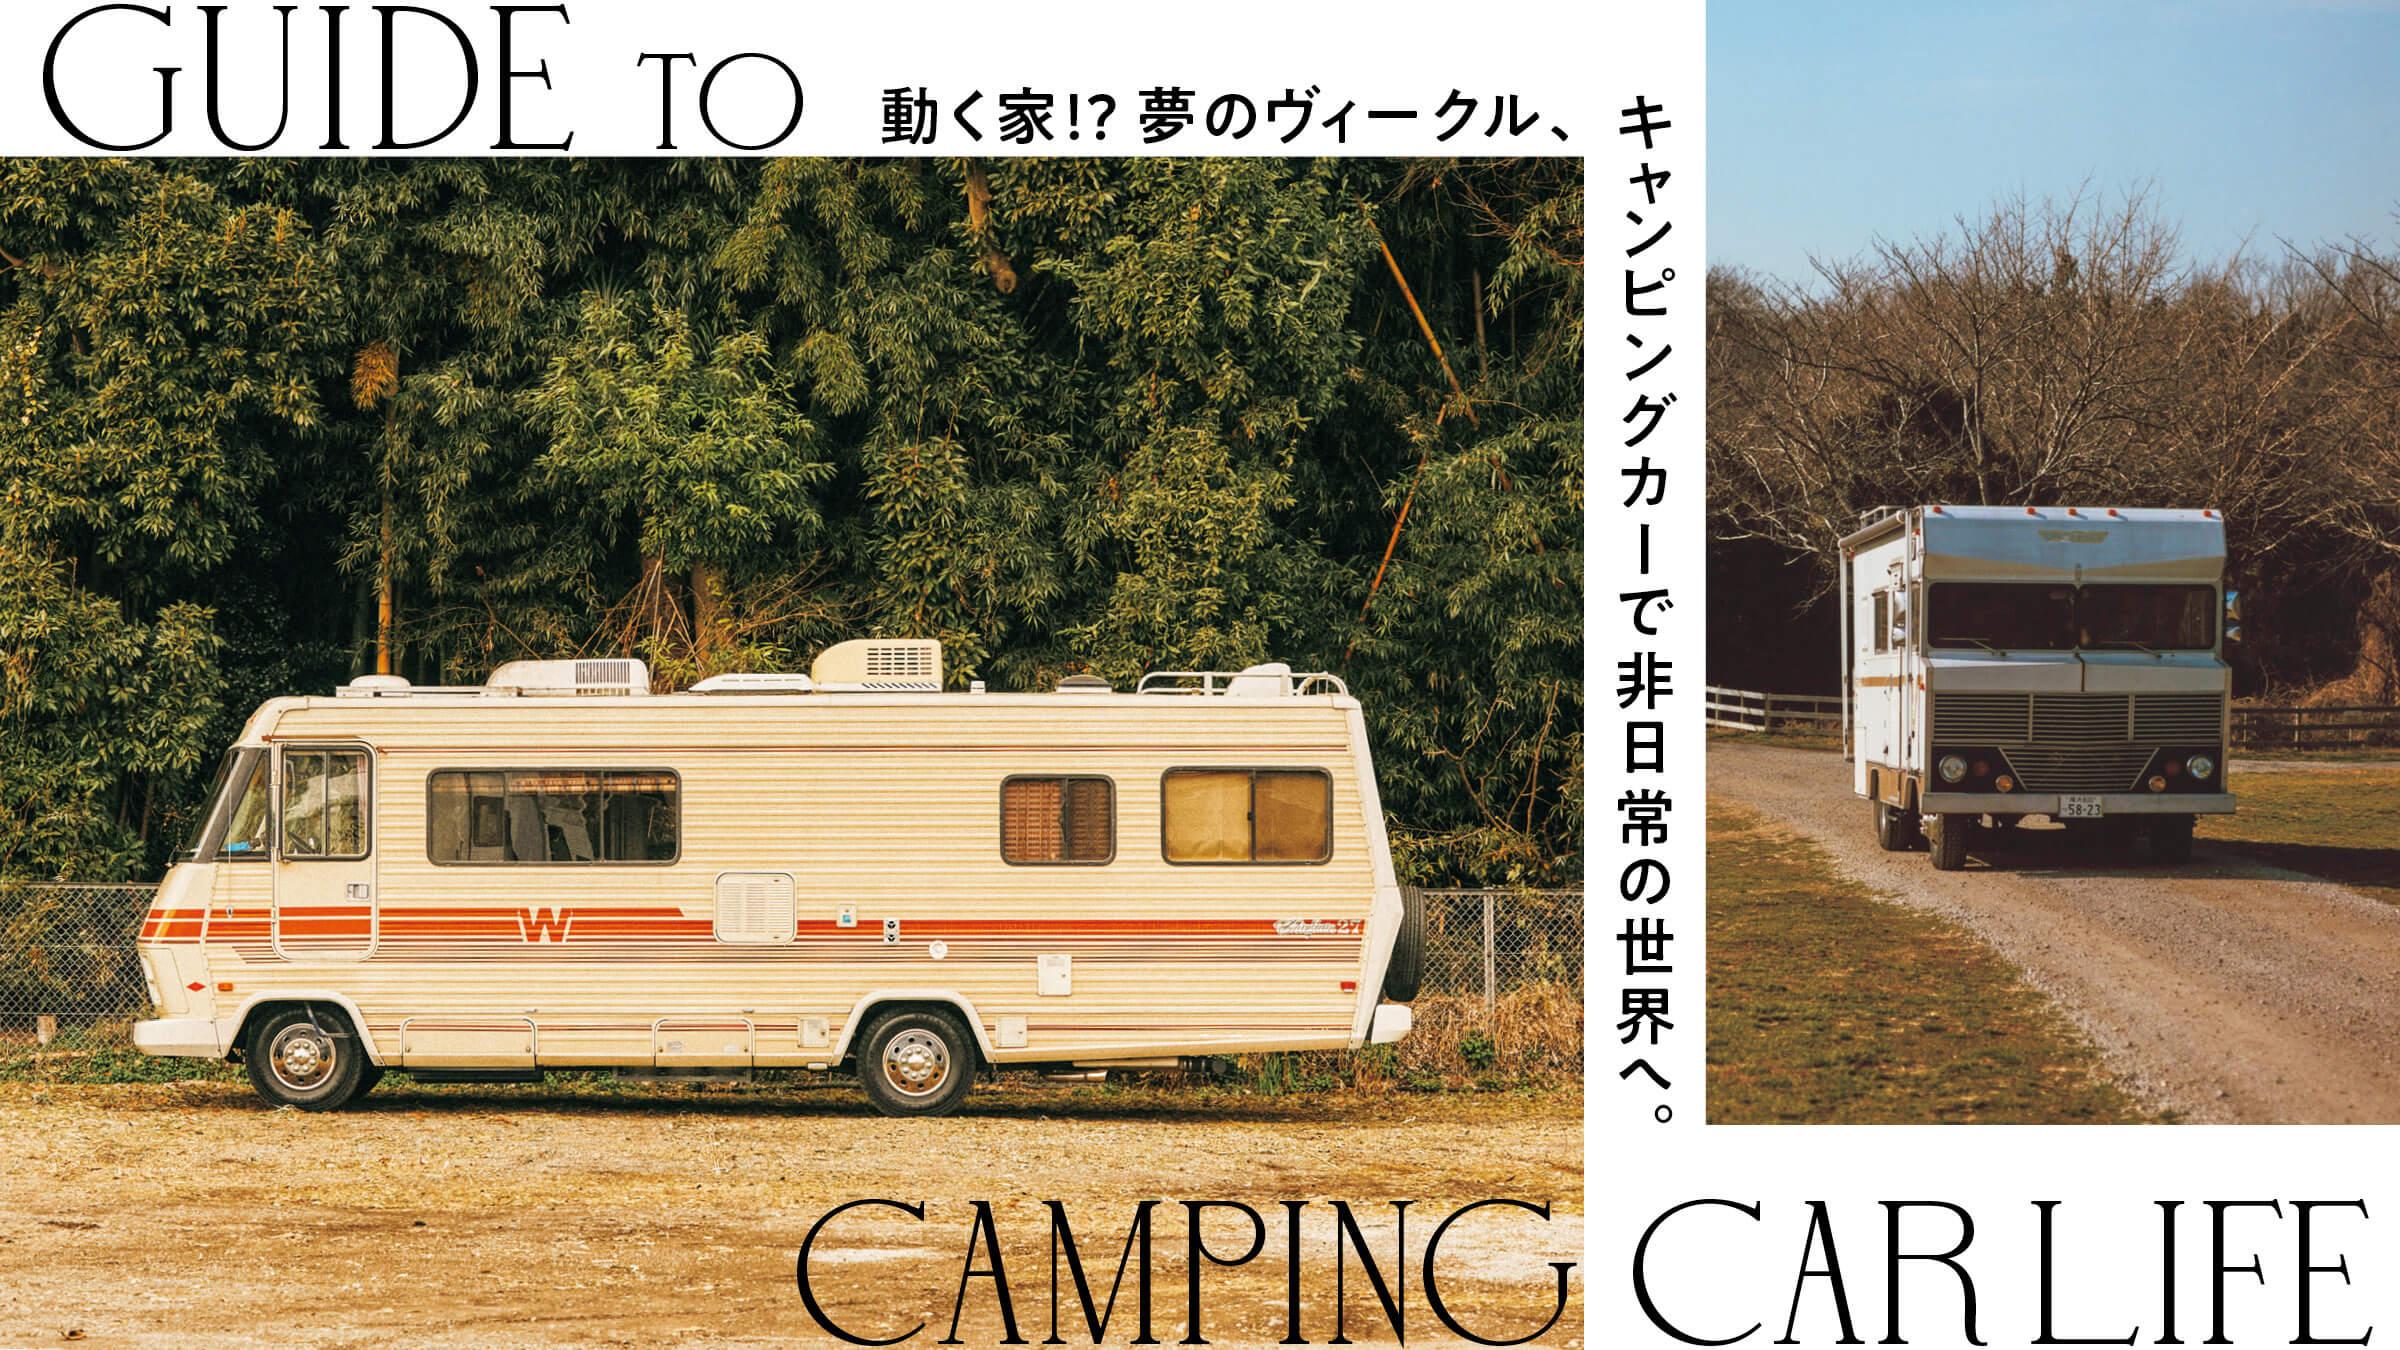 動く家!? 夢のヴィークル、キャンピングカーで非日常の世界へ。